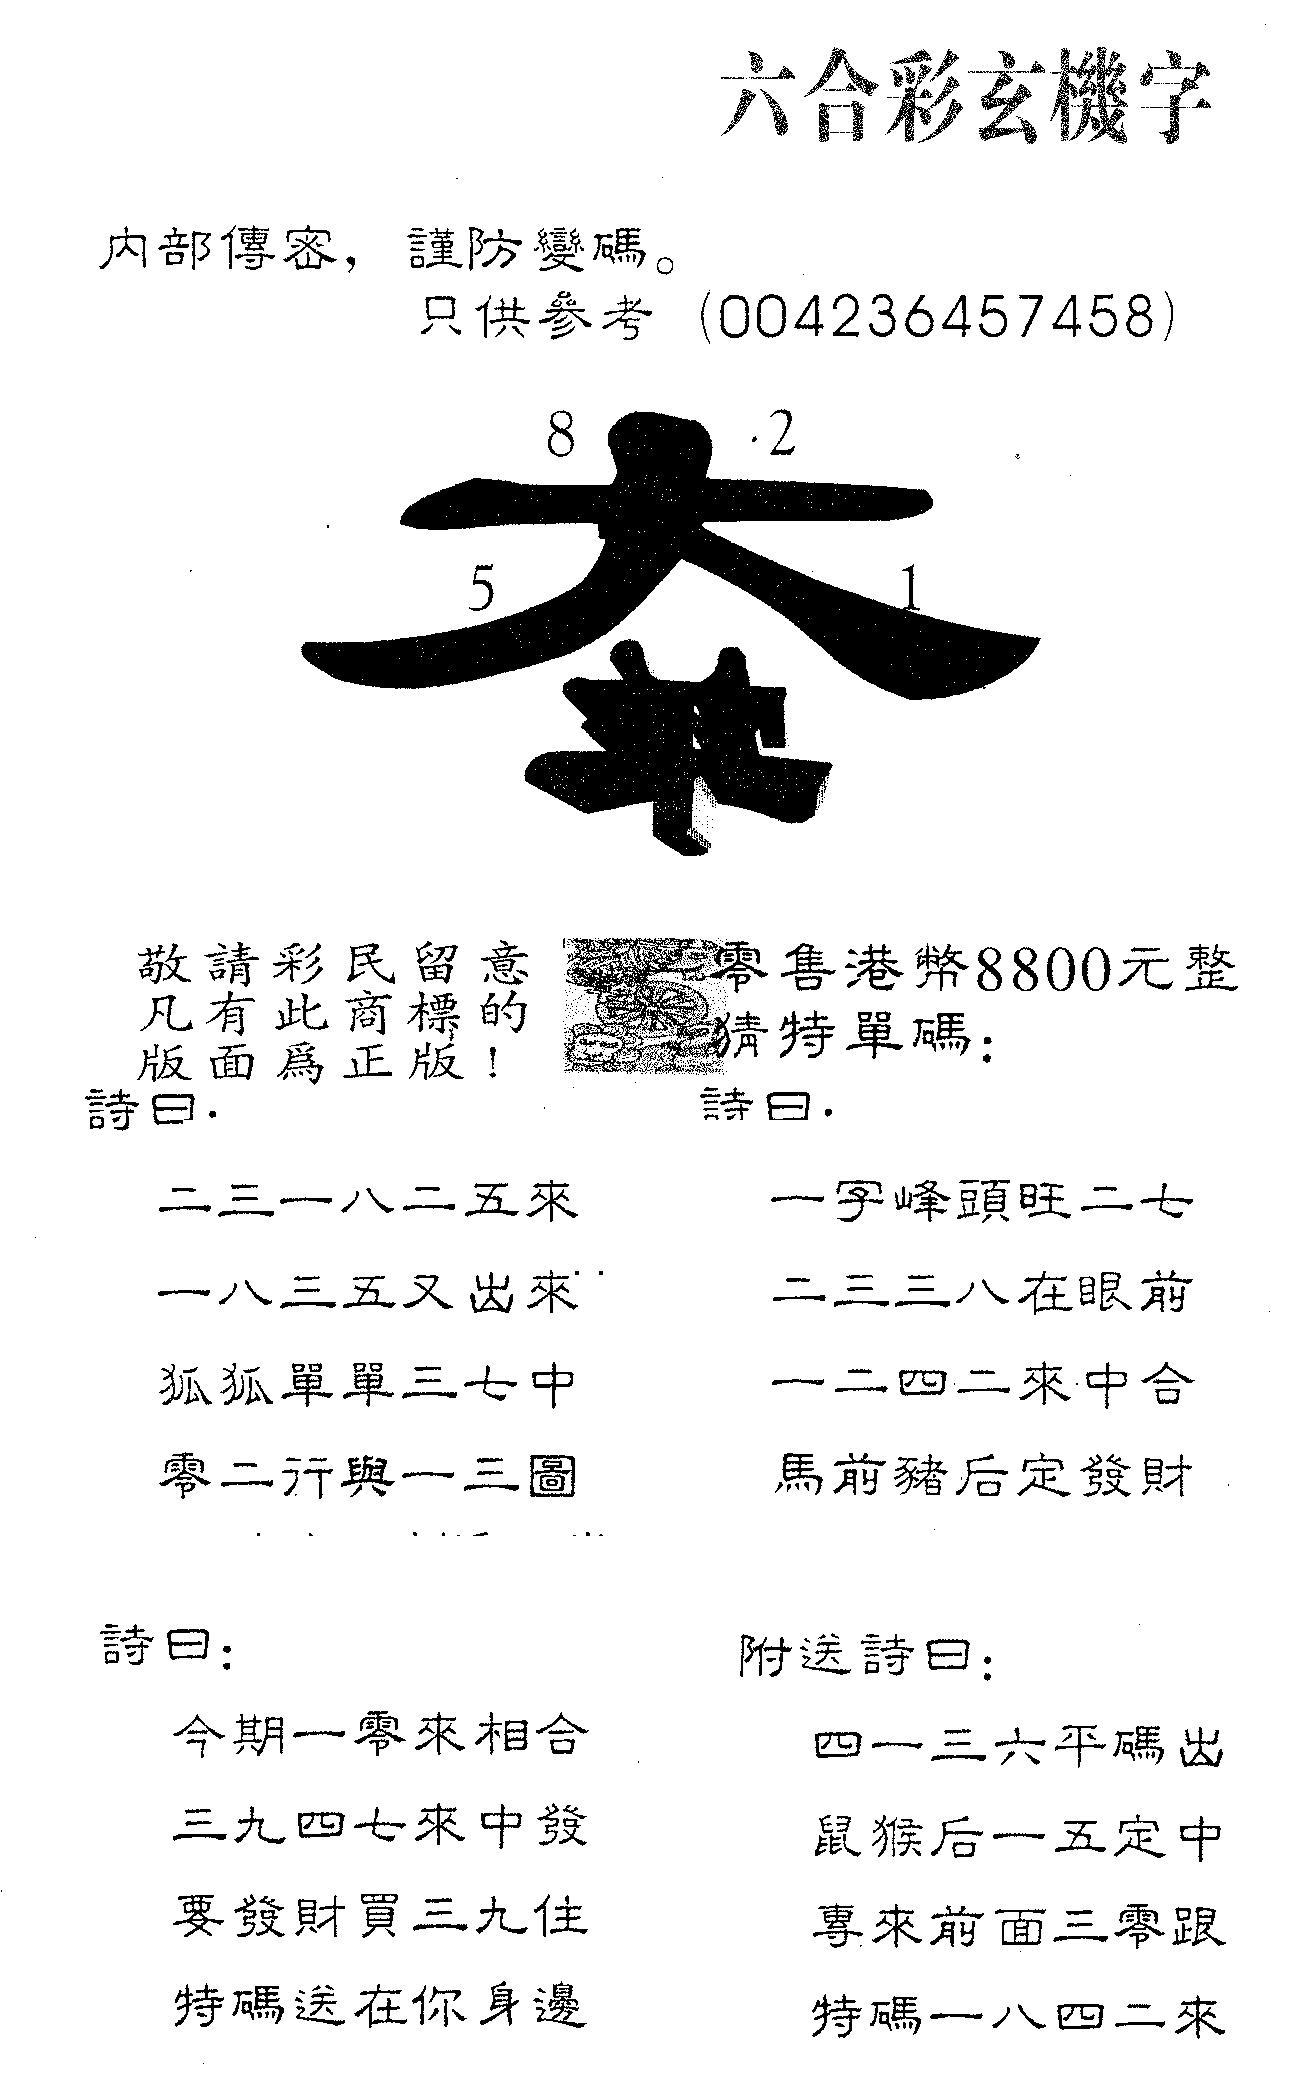 057期玄机字8800(黑白)